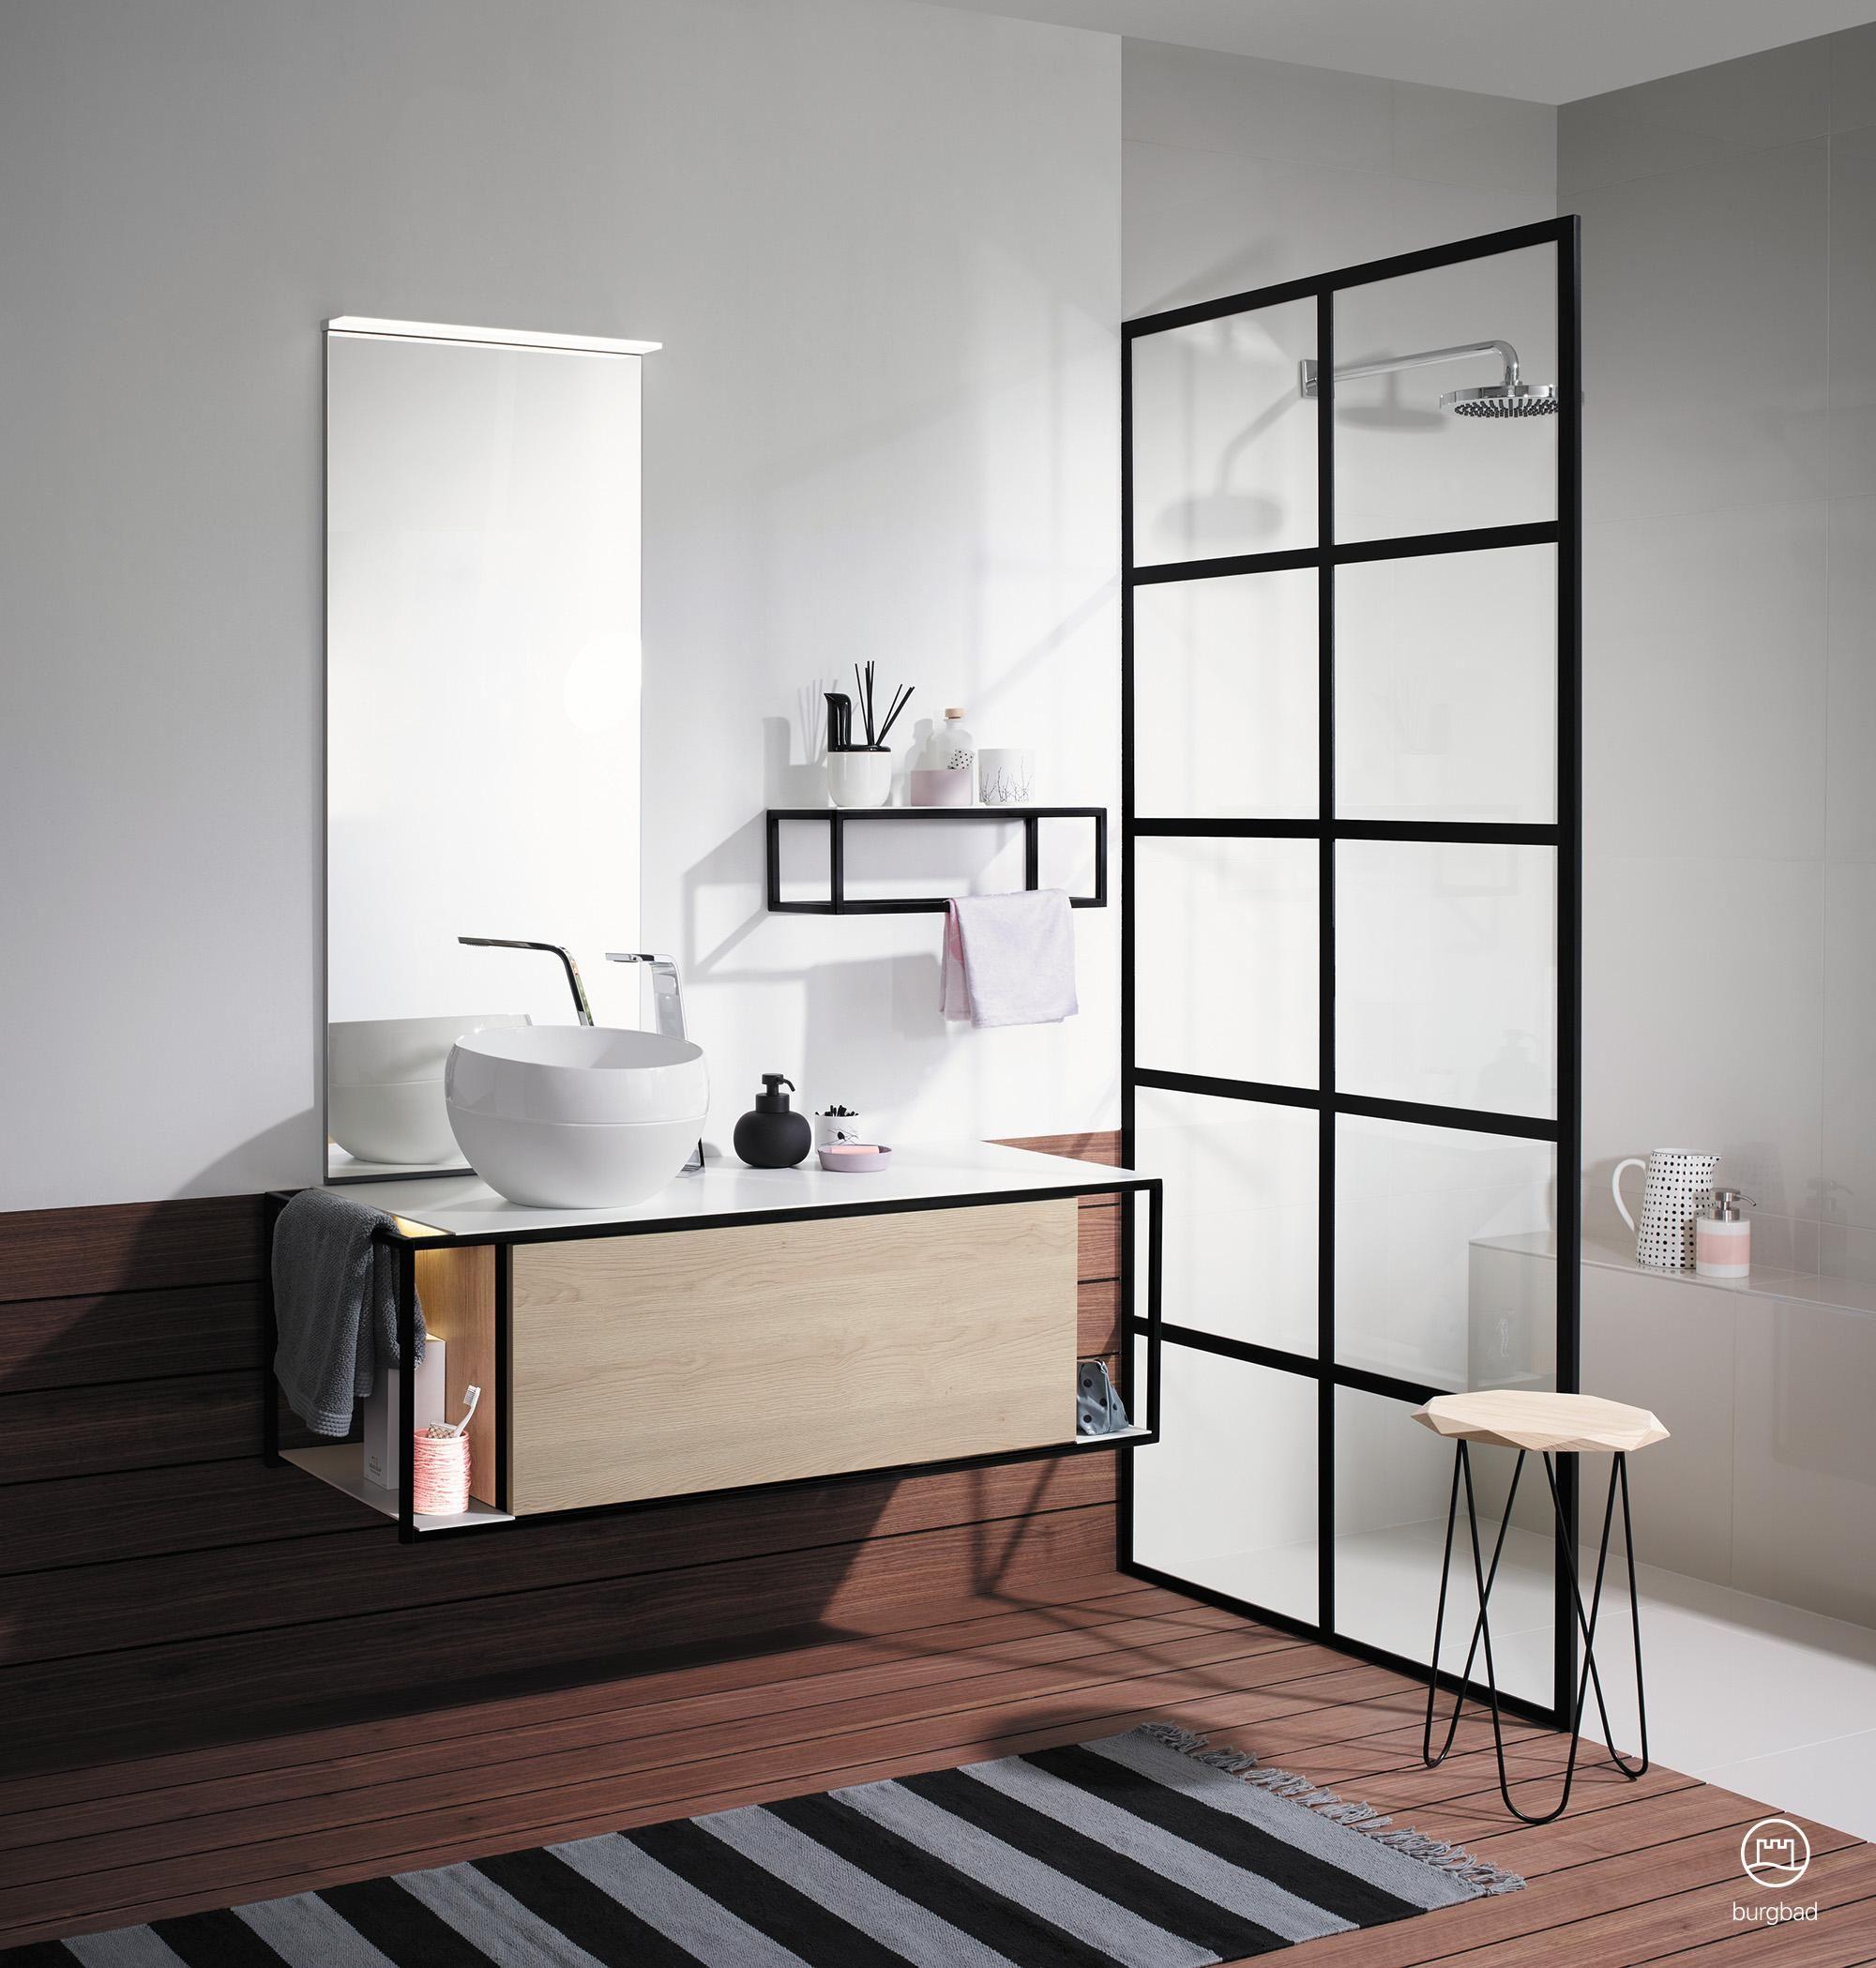 Modernes Badmobel Set Junit Von Burgbad Badezimmer Modernes Badezimmerdesign Badezimmer Innenausstattung Badezimmer